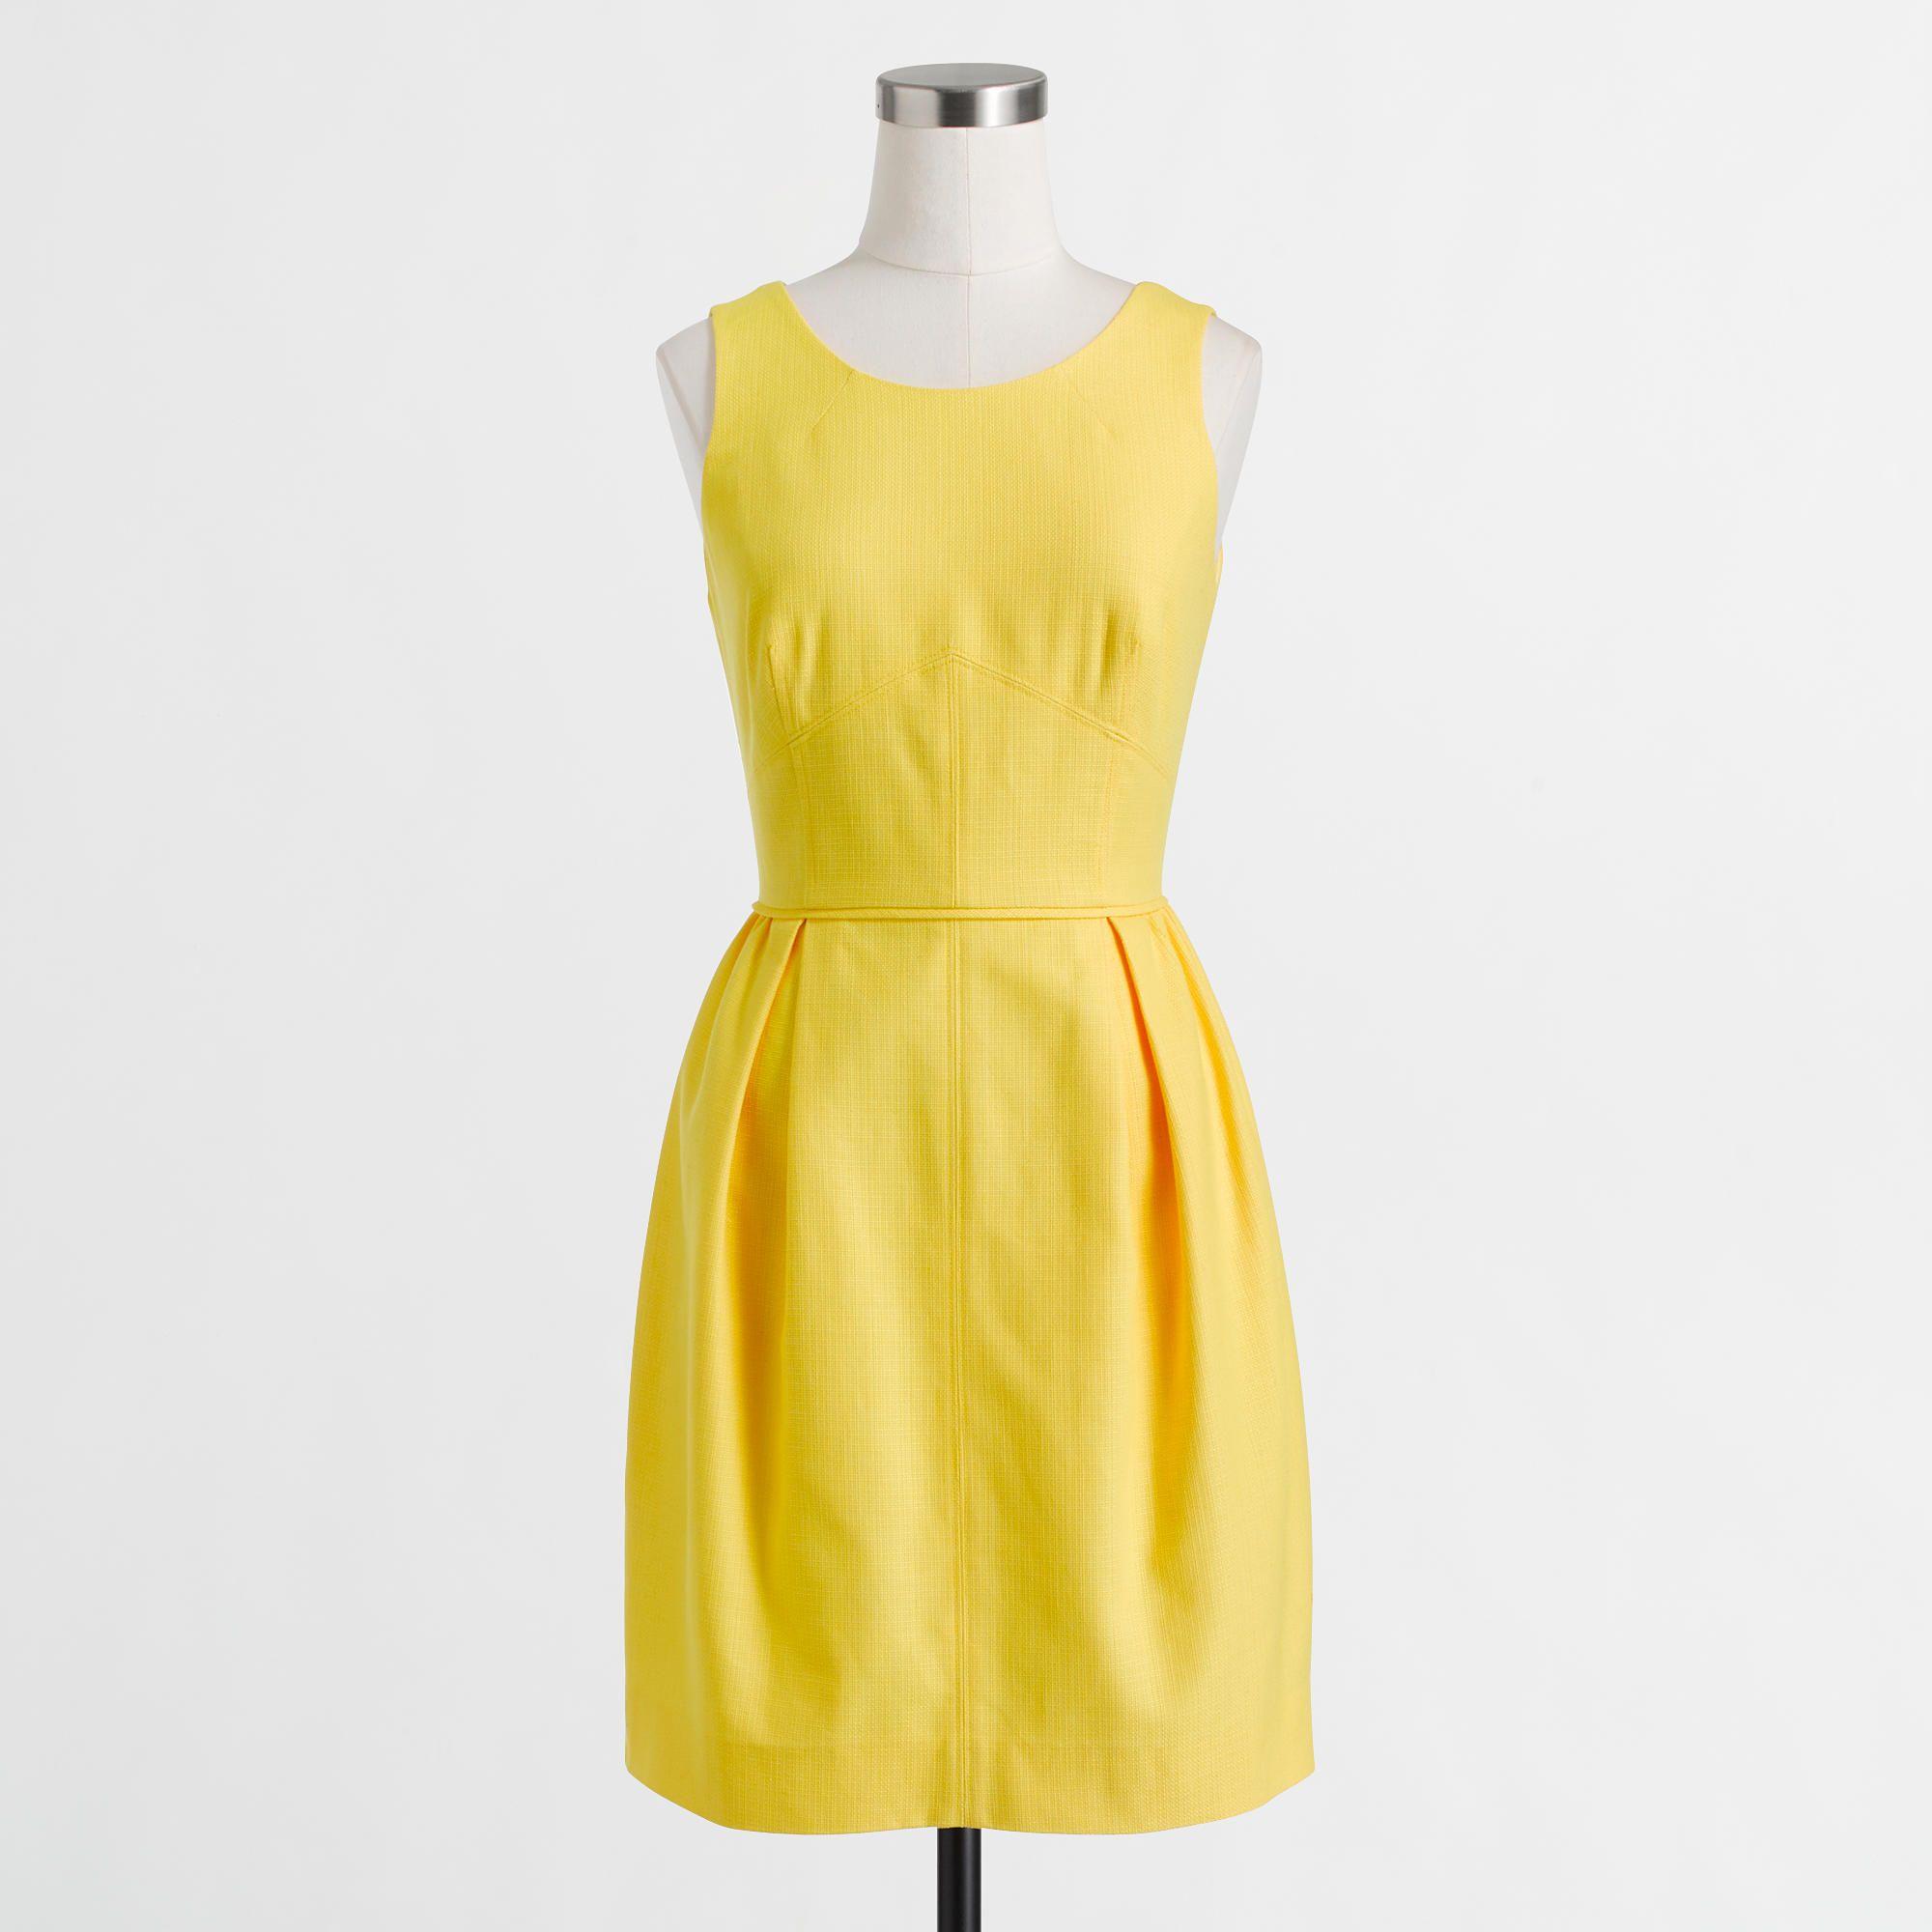 Yellow dress for women  Factory textured cotton dress  Casual  JCrew Factory  women top